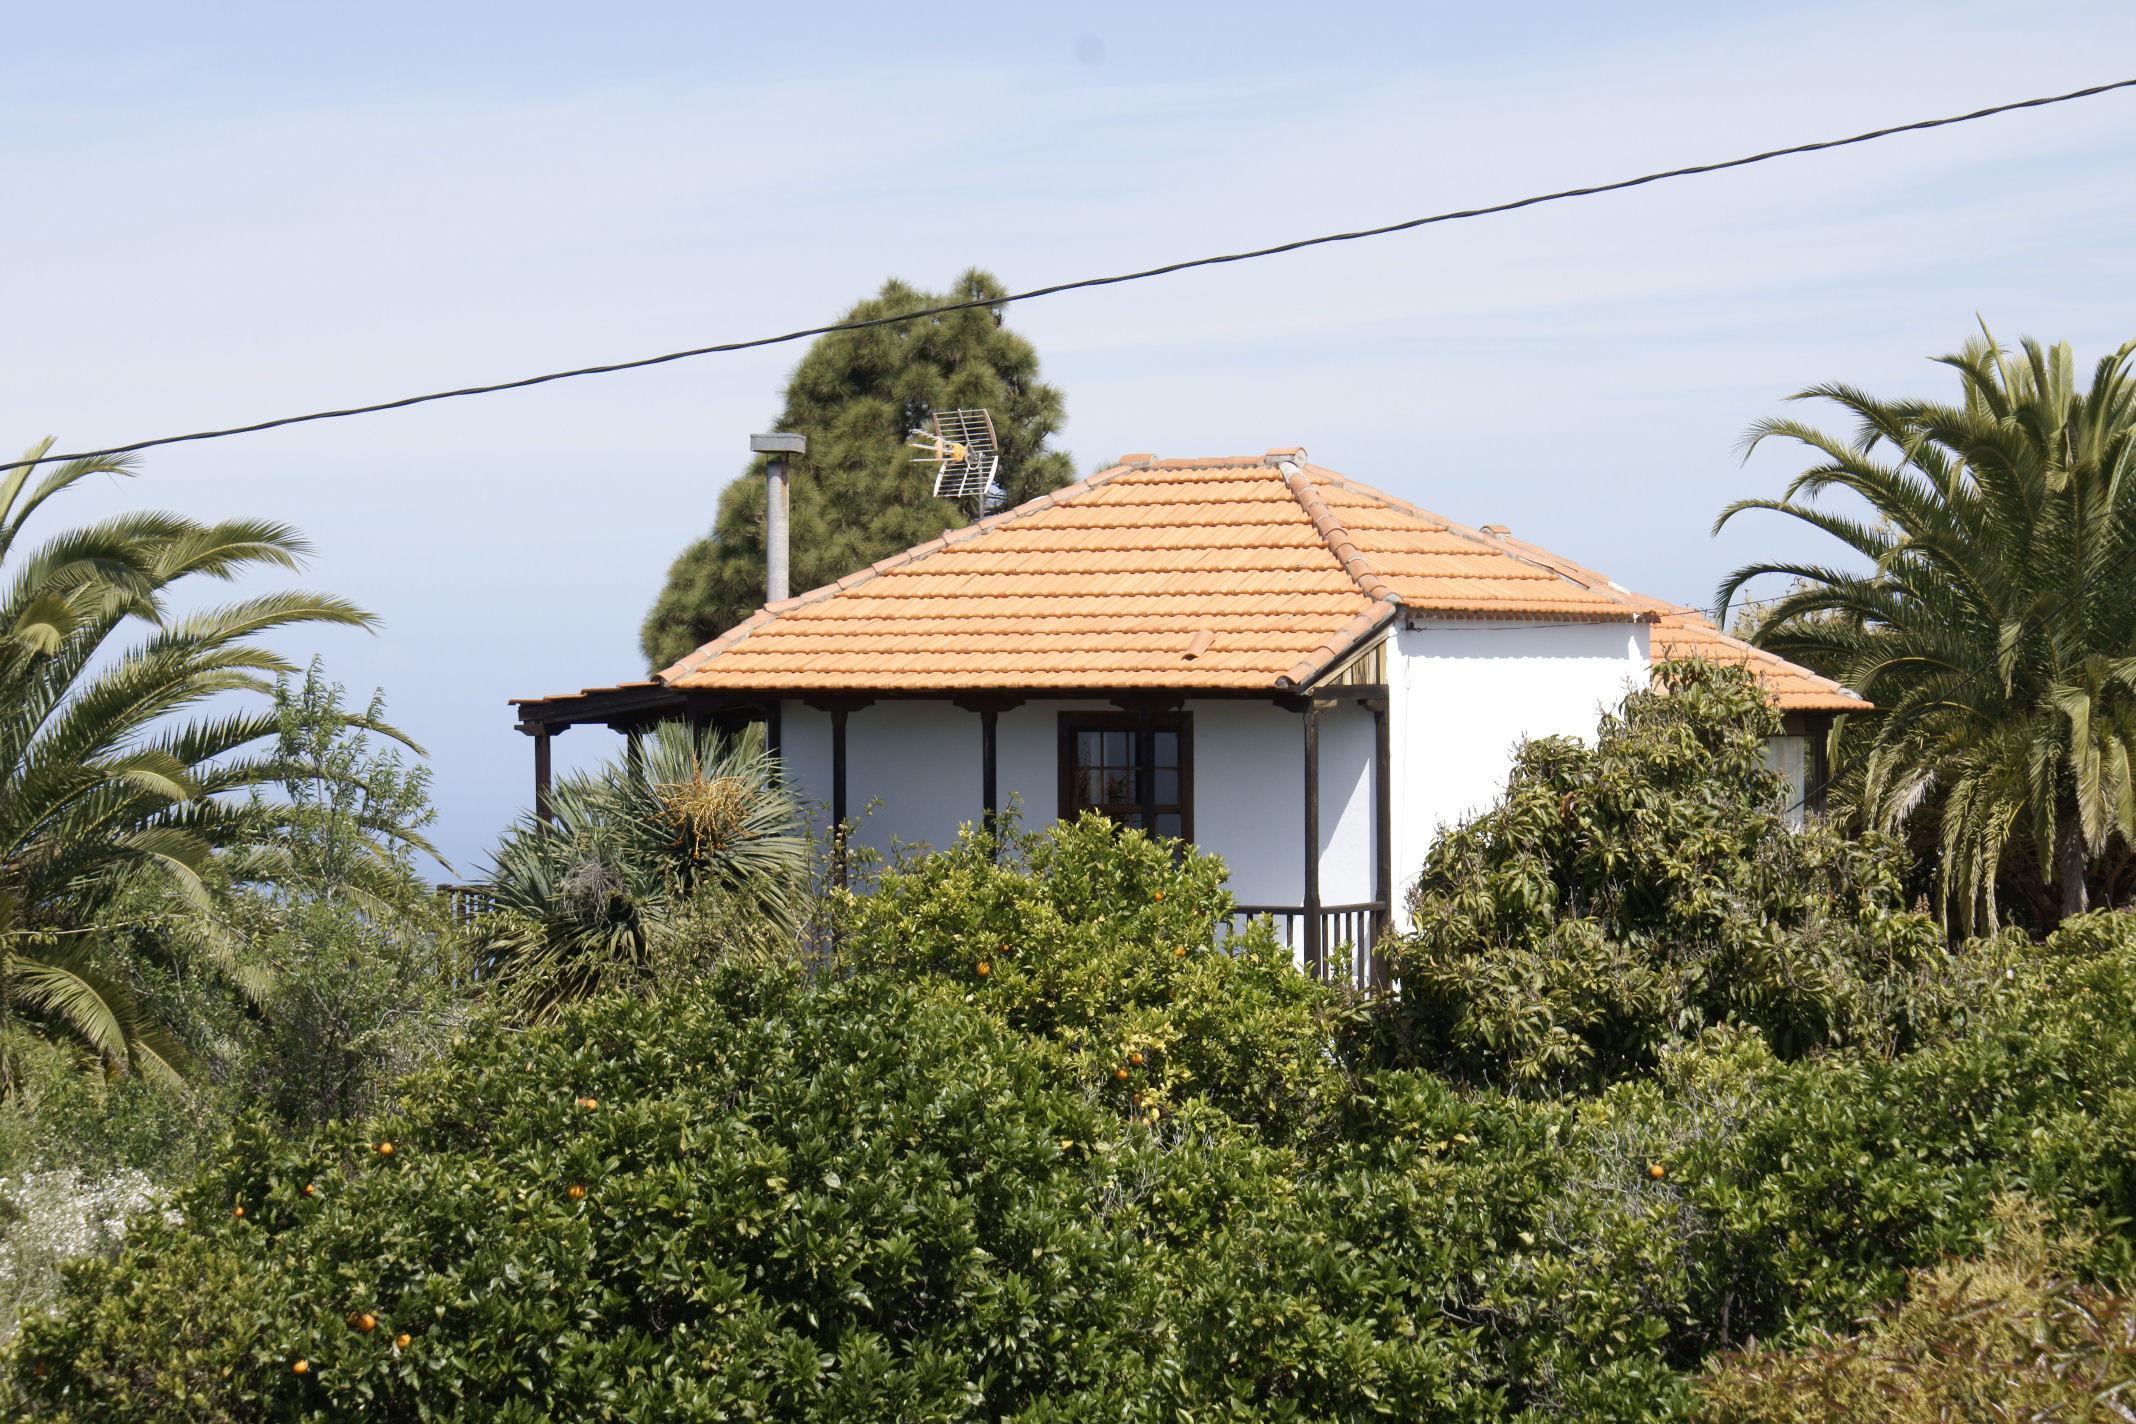 Ferienwohnung Casa Lucia I La Palma - Tijarafe Ortsteil La Punta - Carretera de la Costa 8 E 38780 La Palma - Tijarafe Ortsteil La Punta - Anbieter Familie v.Trützschler